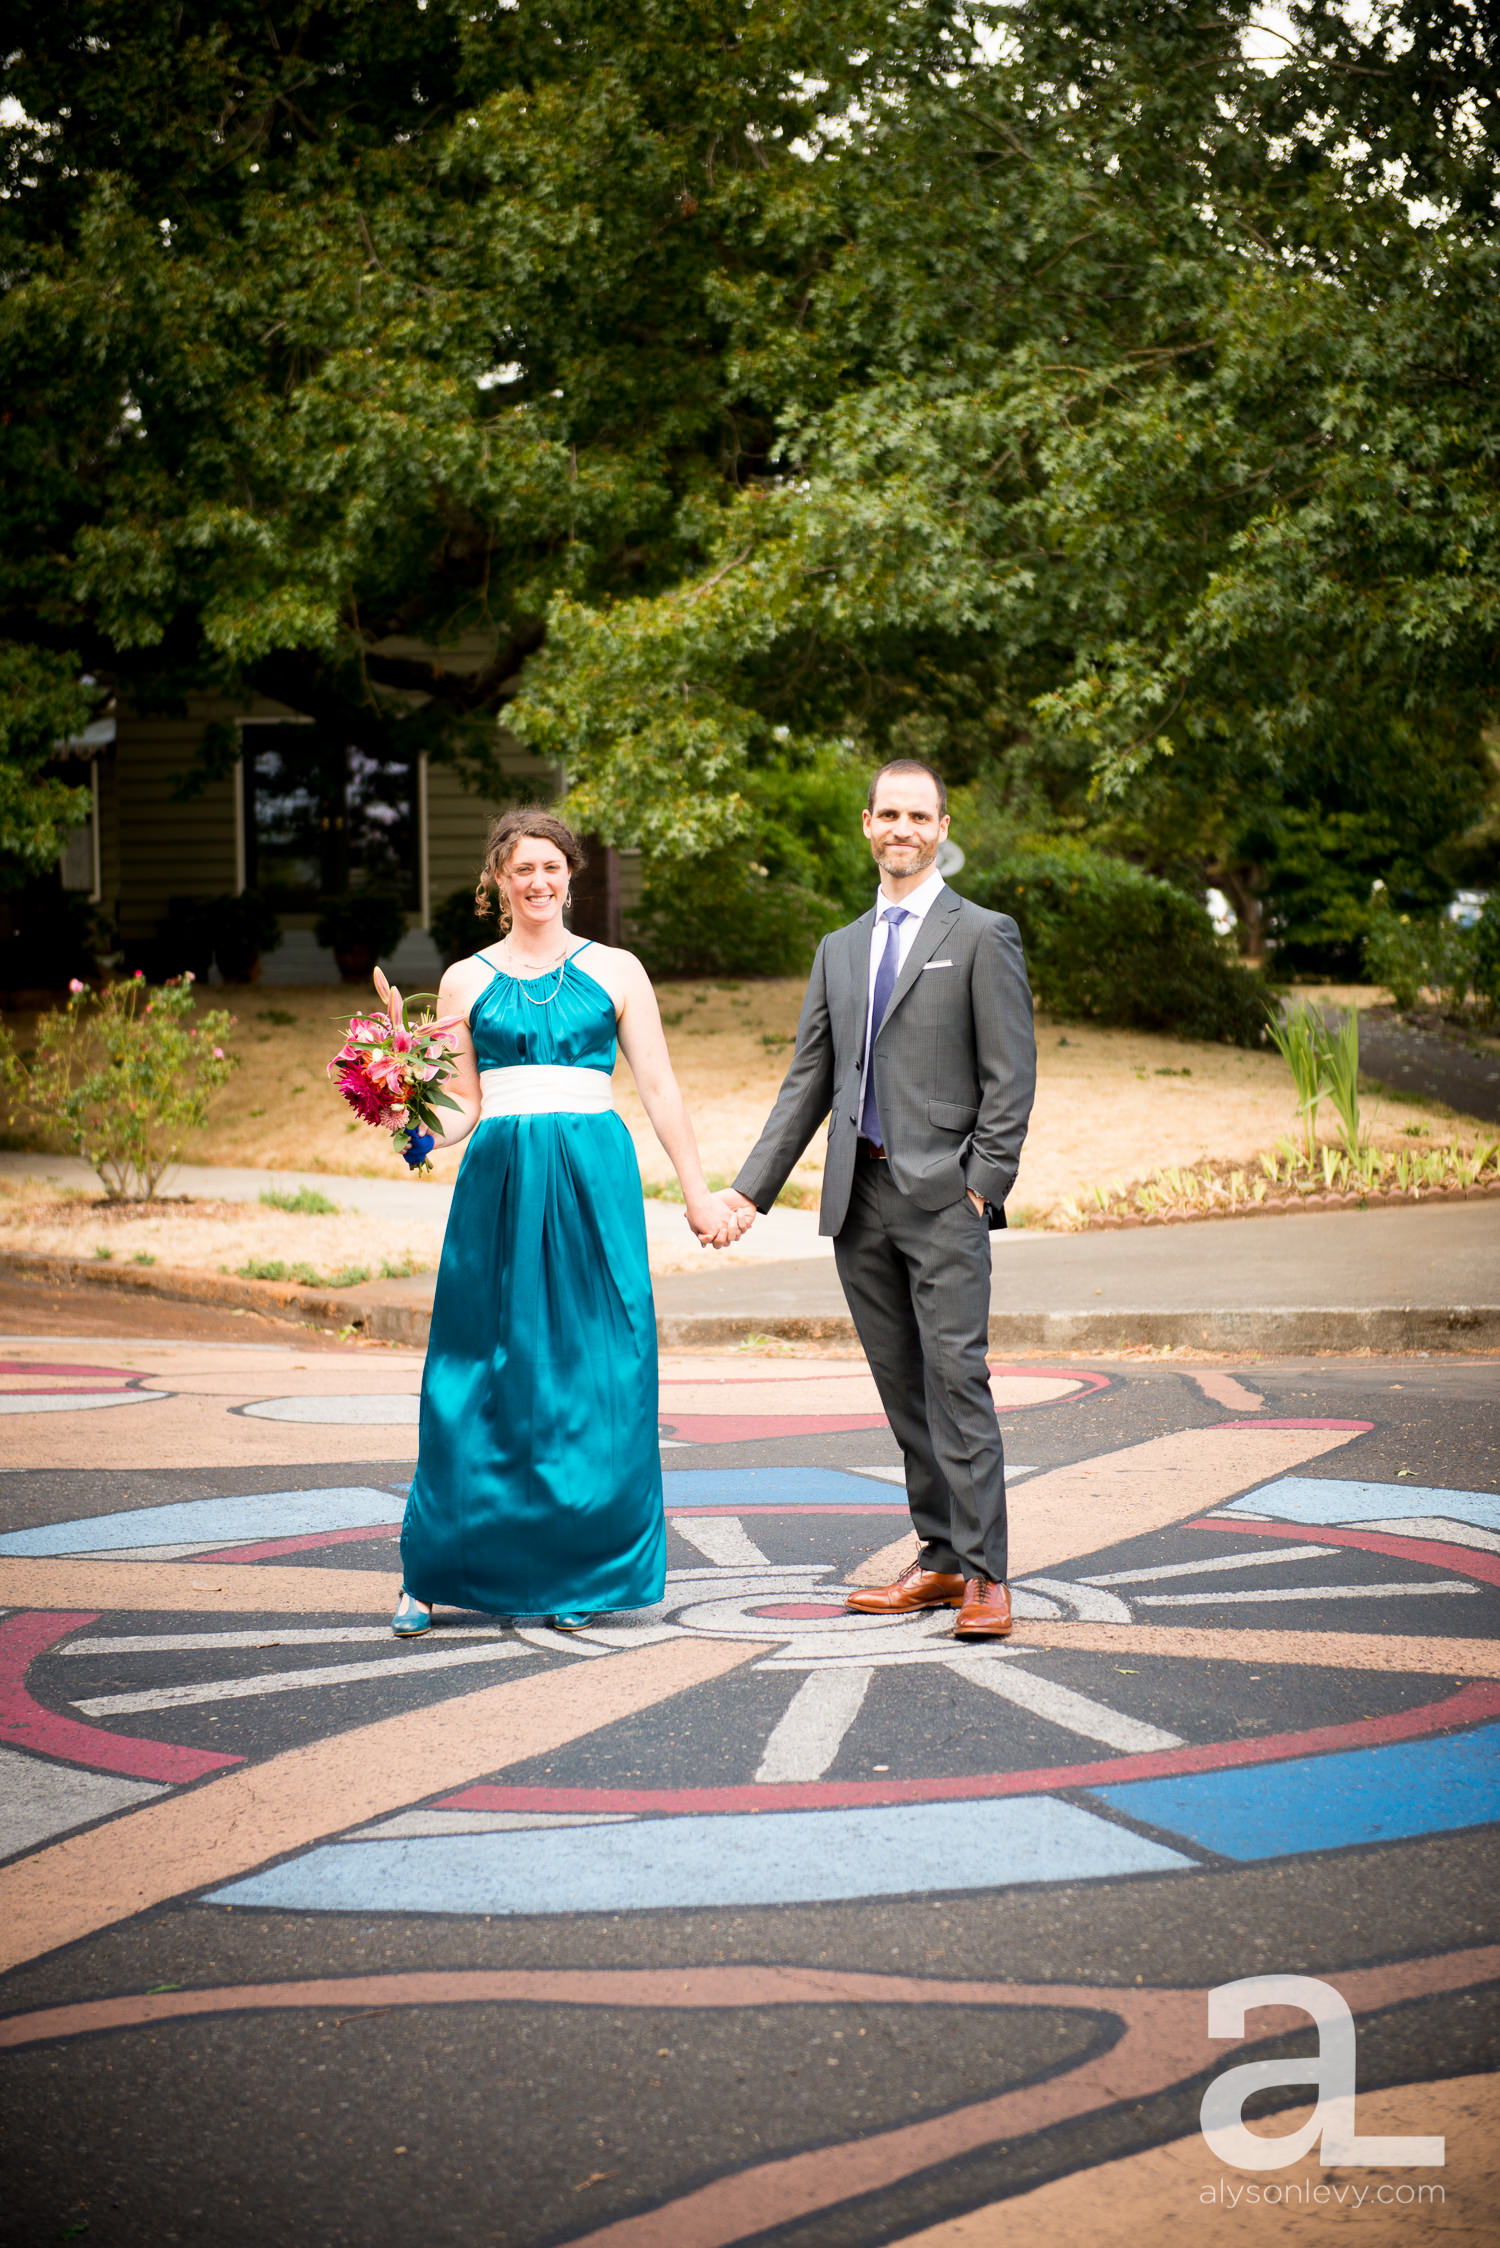 Overlook-House-Portland-Wedding-Photography-003.jpg